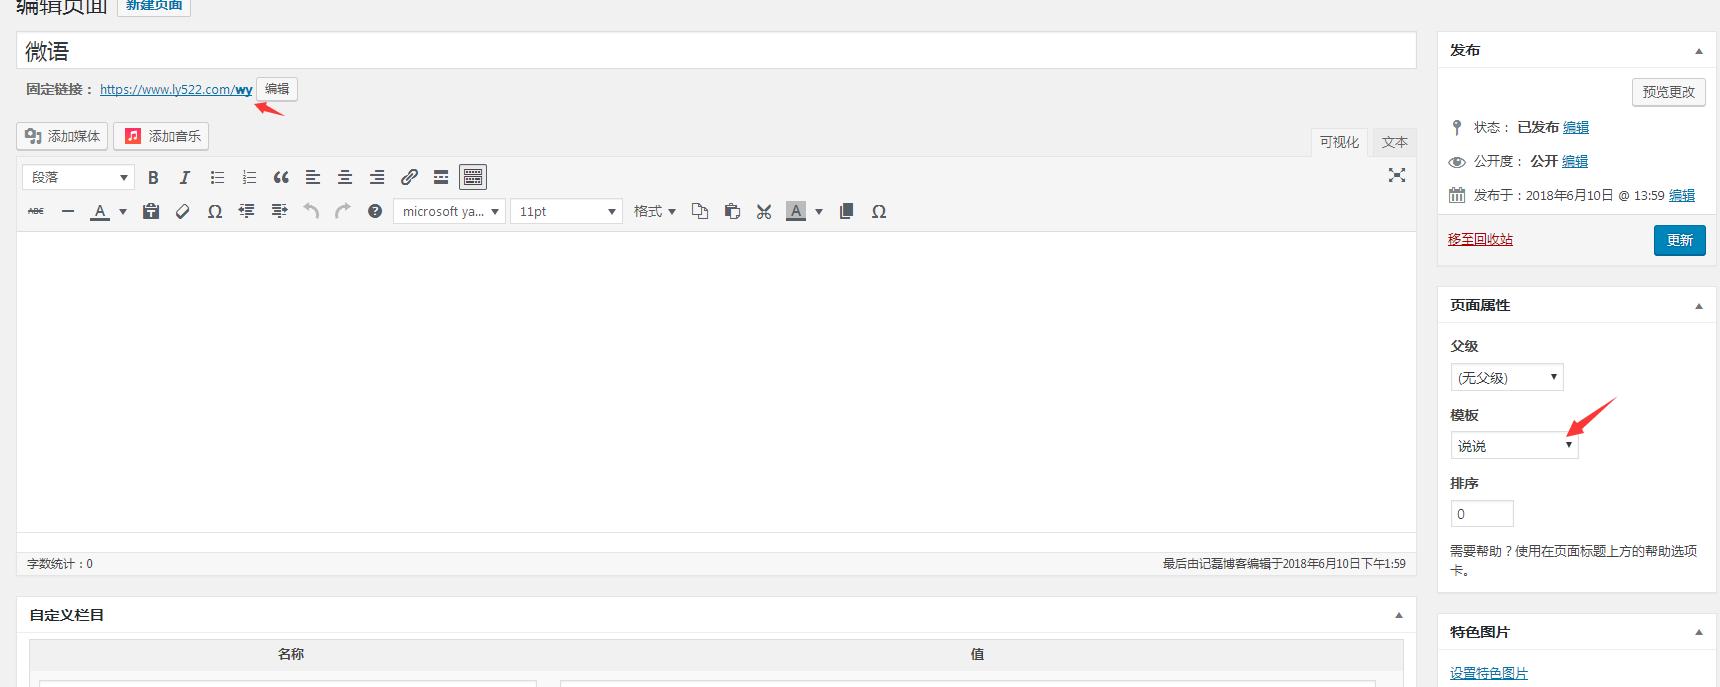 图片[1]-wordpress添加说说/微语功能美化版纯代码加微语-轻刻年轮